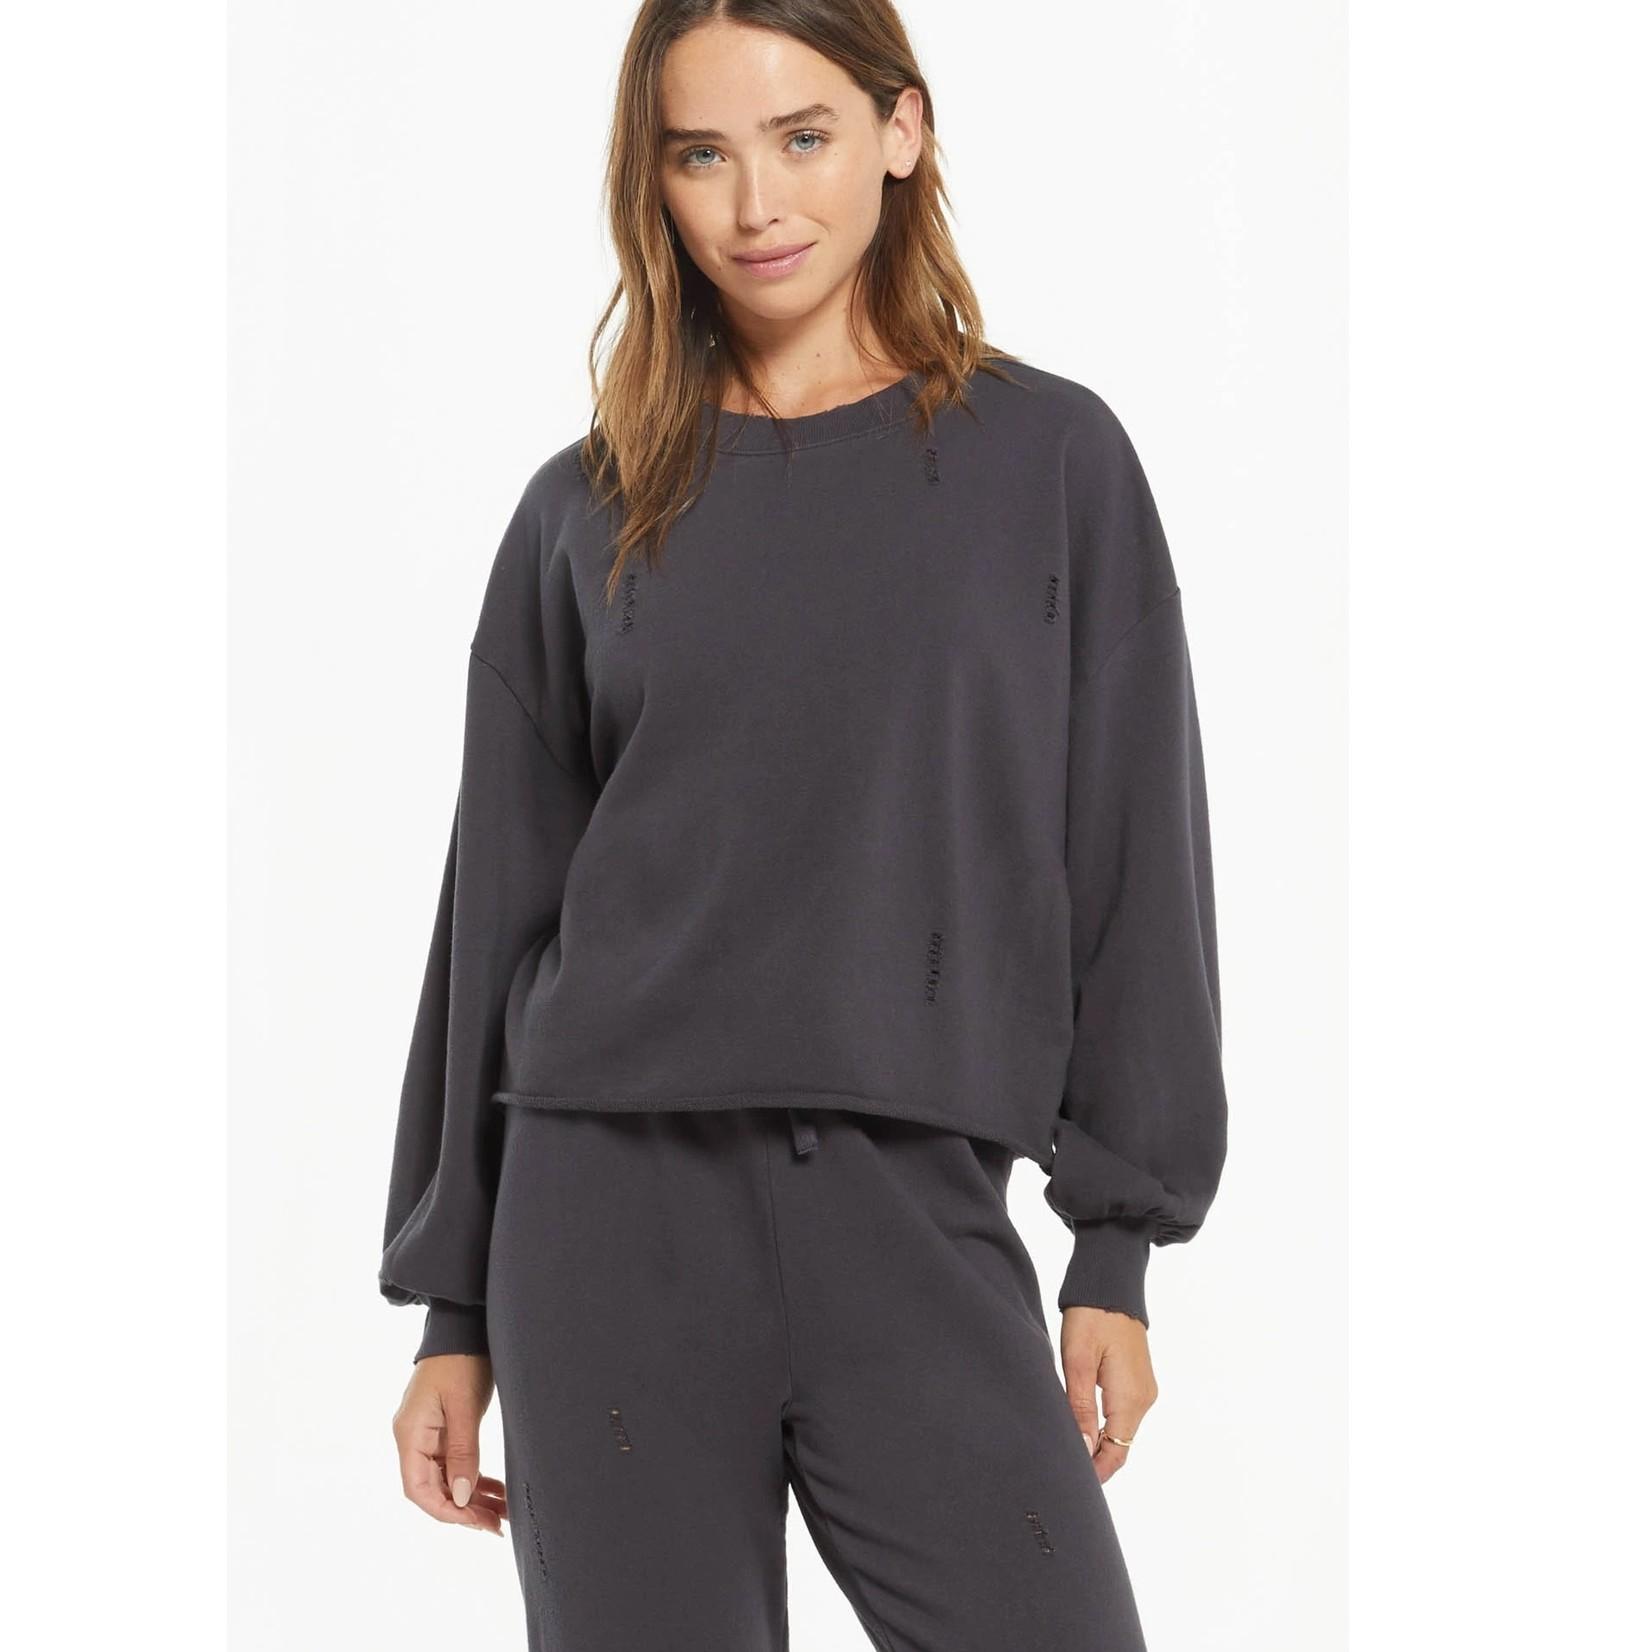 Z Supply Z Supply Allie Distressed Sweatshirt